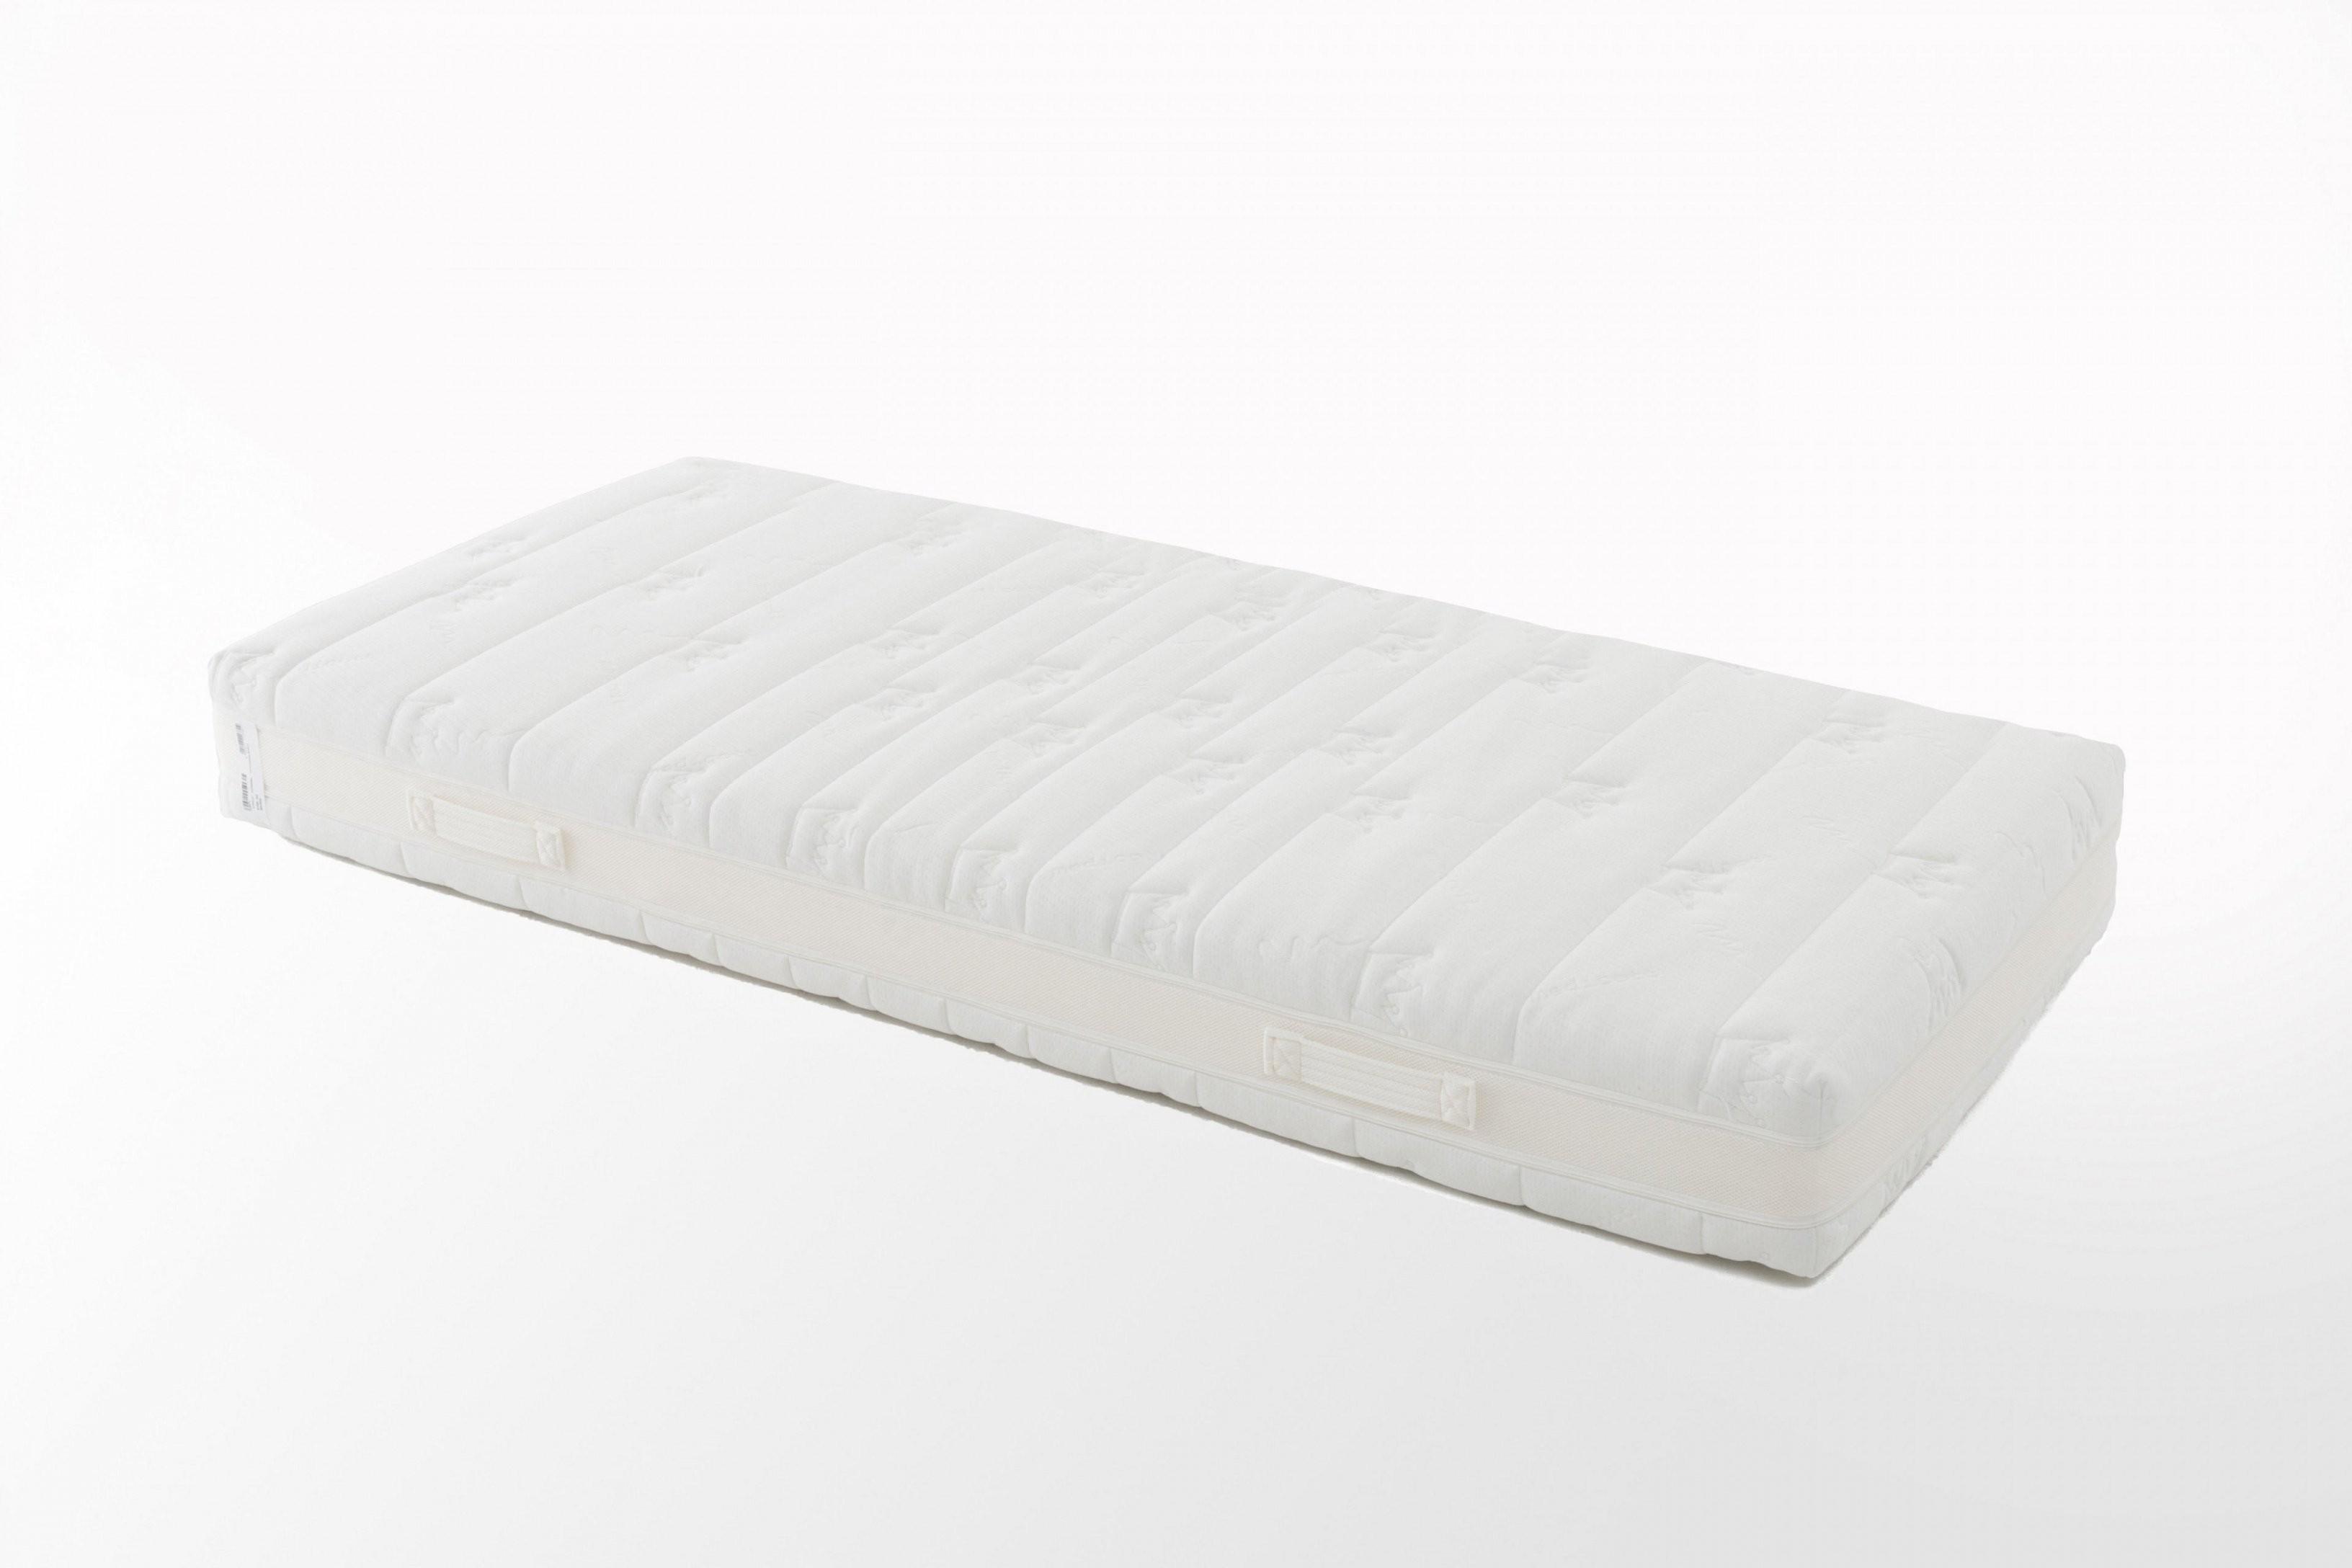 Unvergesslich Wozu Dient Ein Matratzen Topper  Huambodigital von Wozu Dient Ein Matratzen Topper Photo